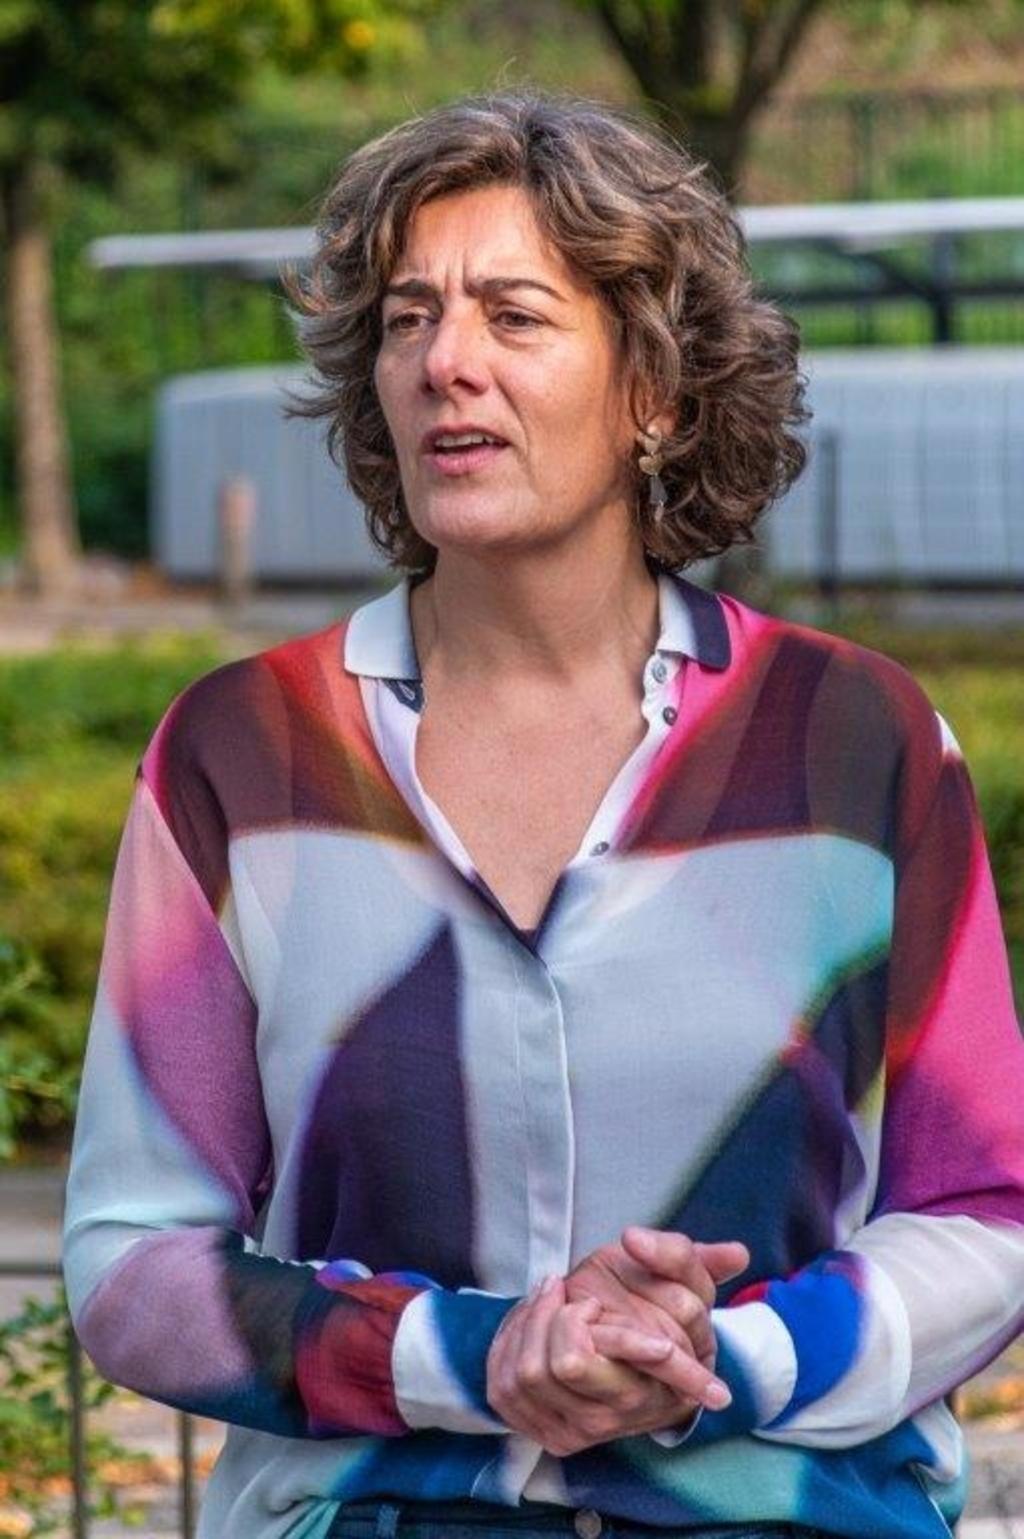 Wethouder Marian van der Weele. Mariëlle Dogterom  © BDU media